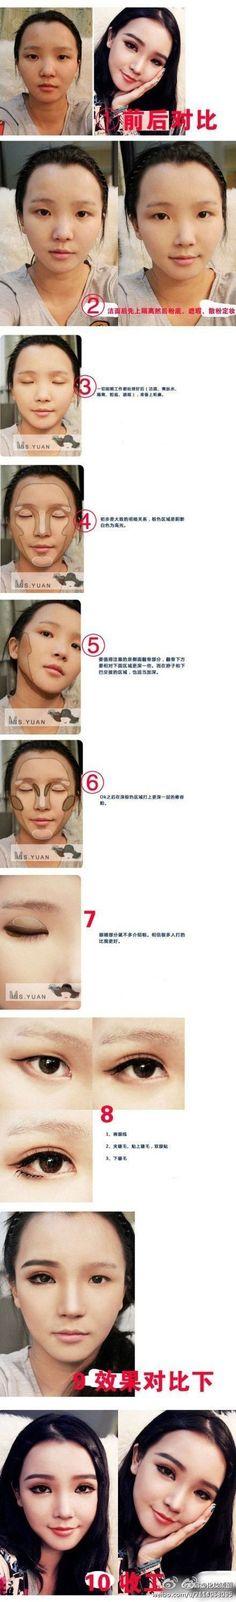 给大家发个小小的化妆步骤,有时候化妆比整容还厉害!!!!